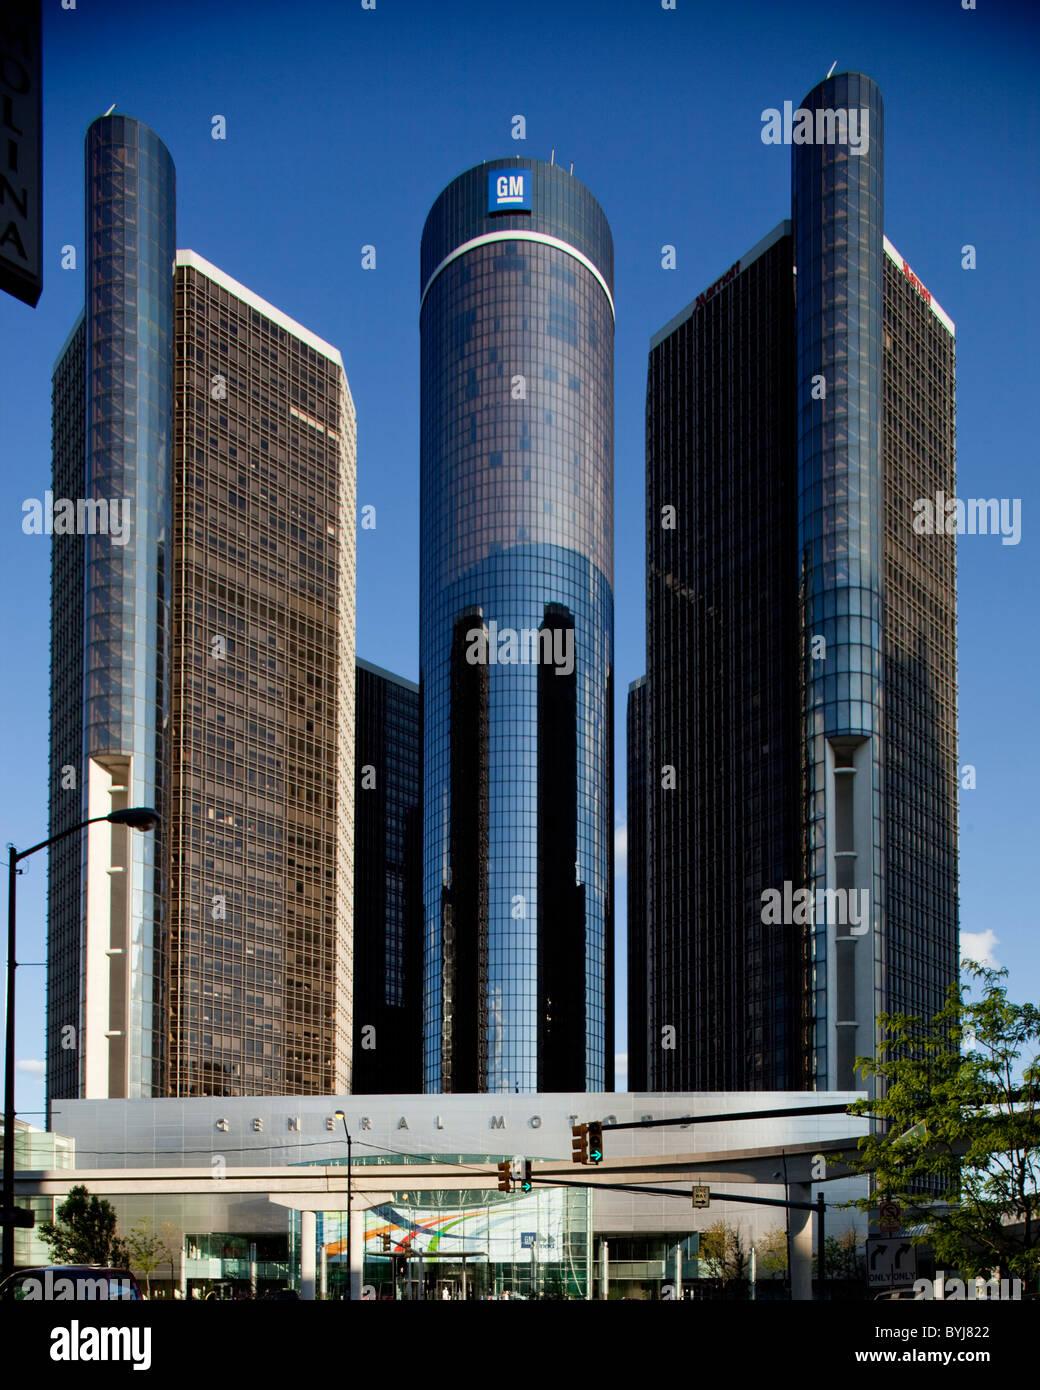 USA, Michigan, Detroit, General Motors corporate